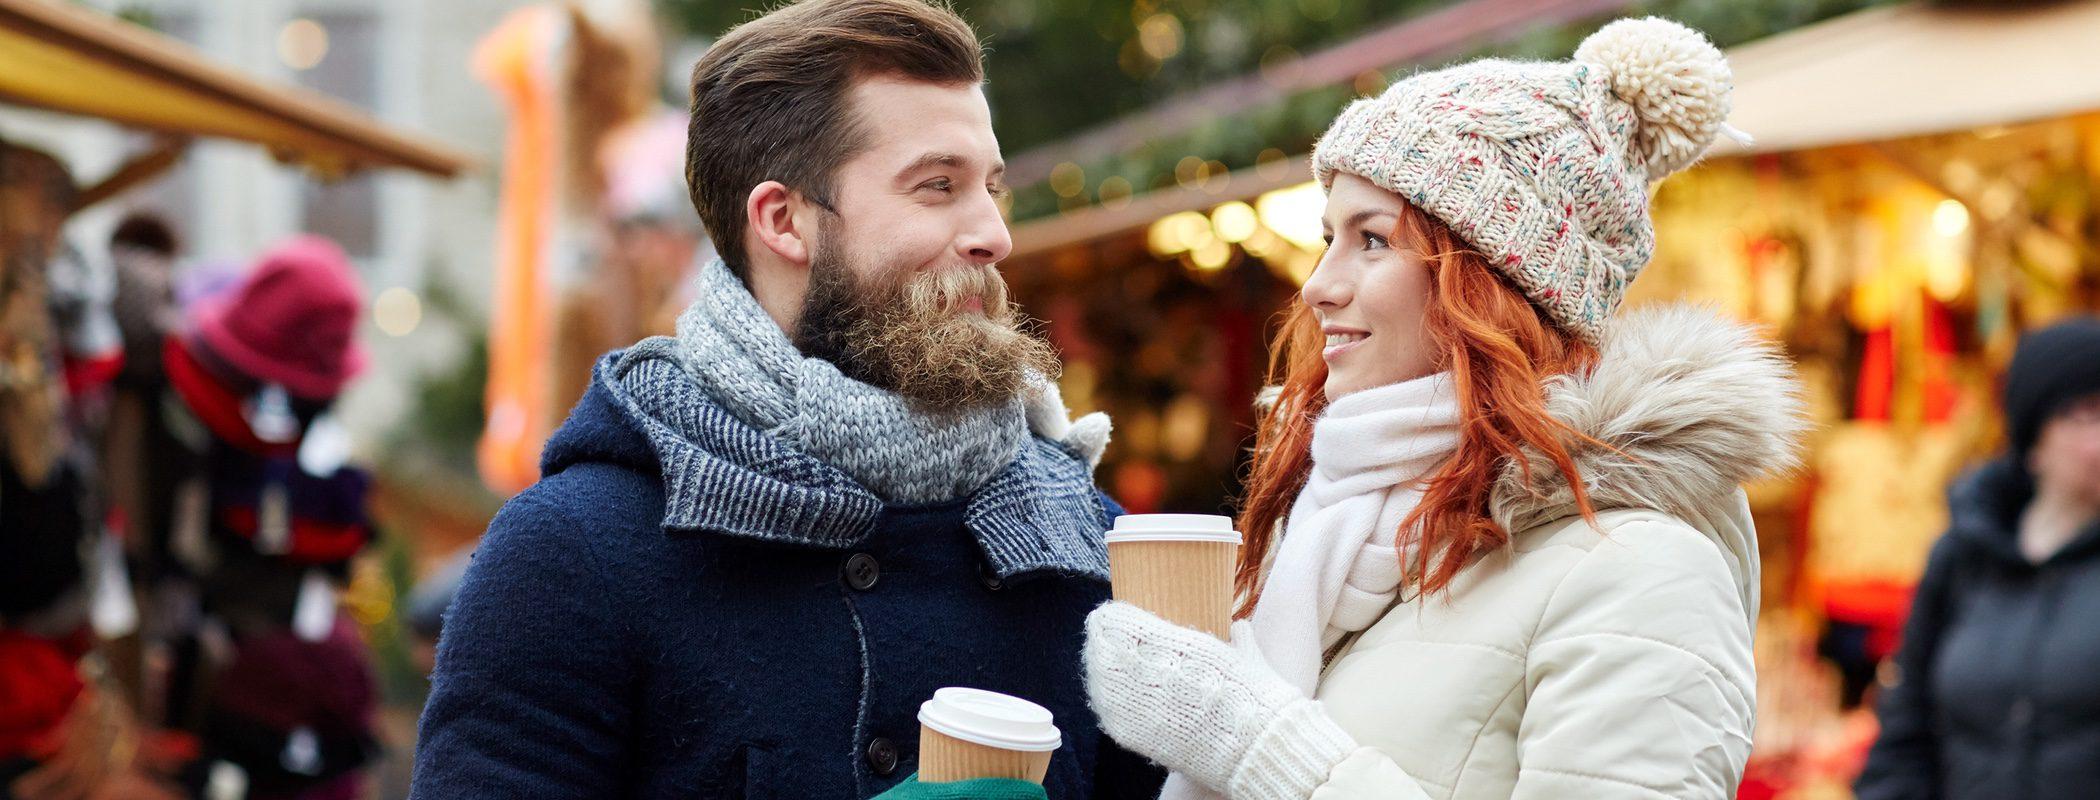 5 planes románticos para Navidad: celebraciones solo con tu pareja